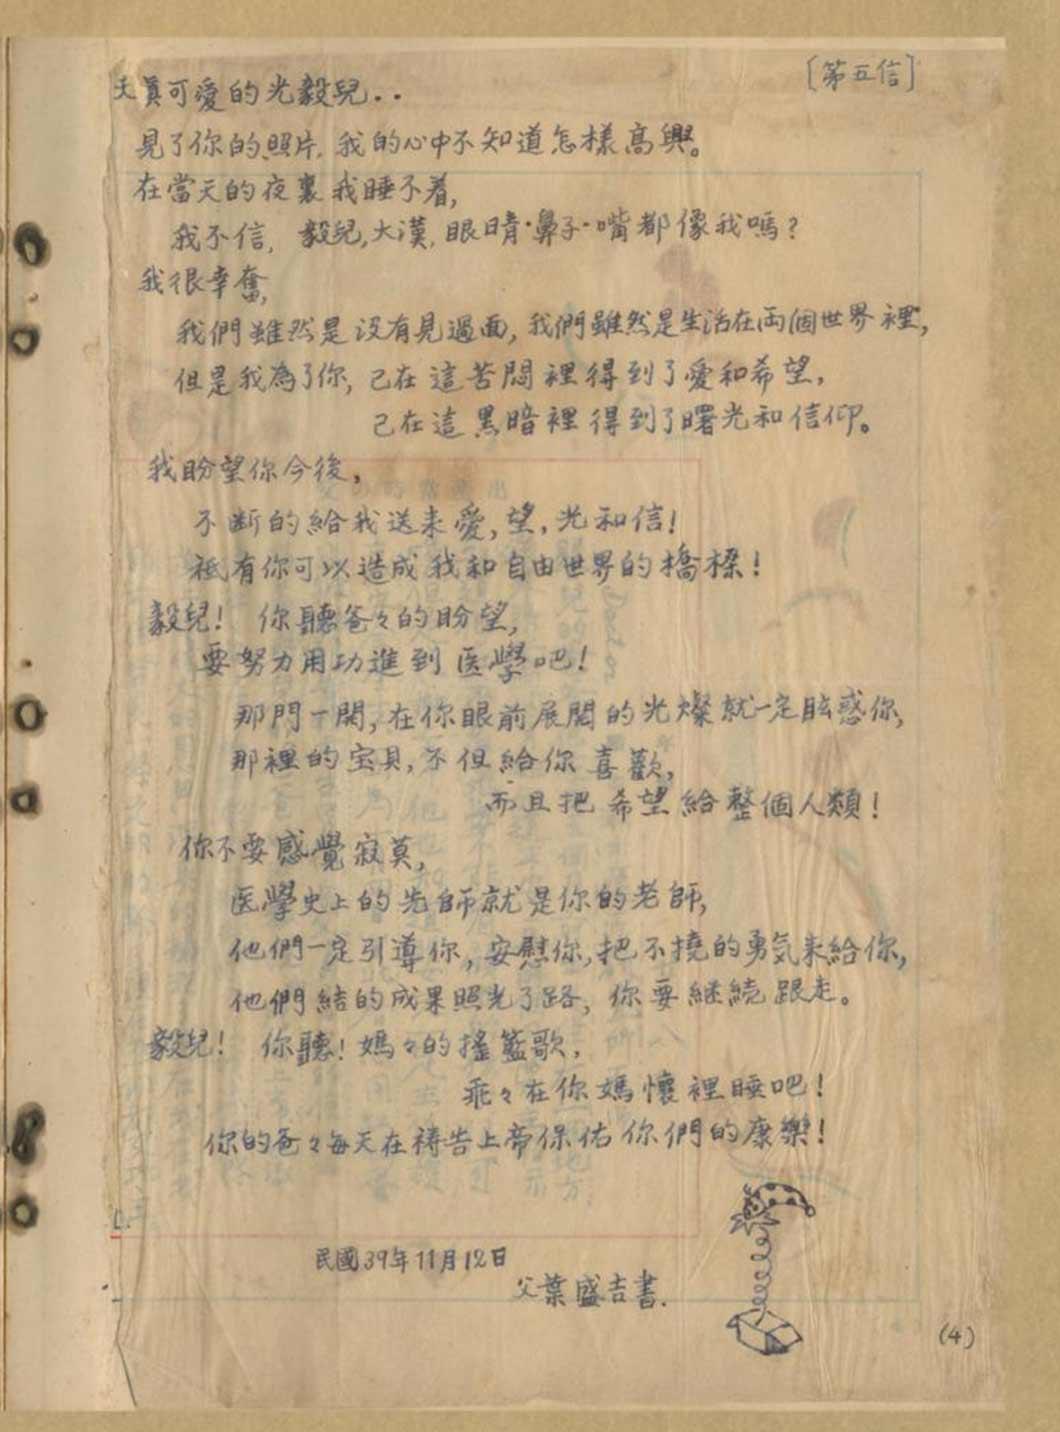 1950年11月12日,葉盛吉用不純熟的中文寫給素未謀面的孩子葉光毅的信。